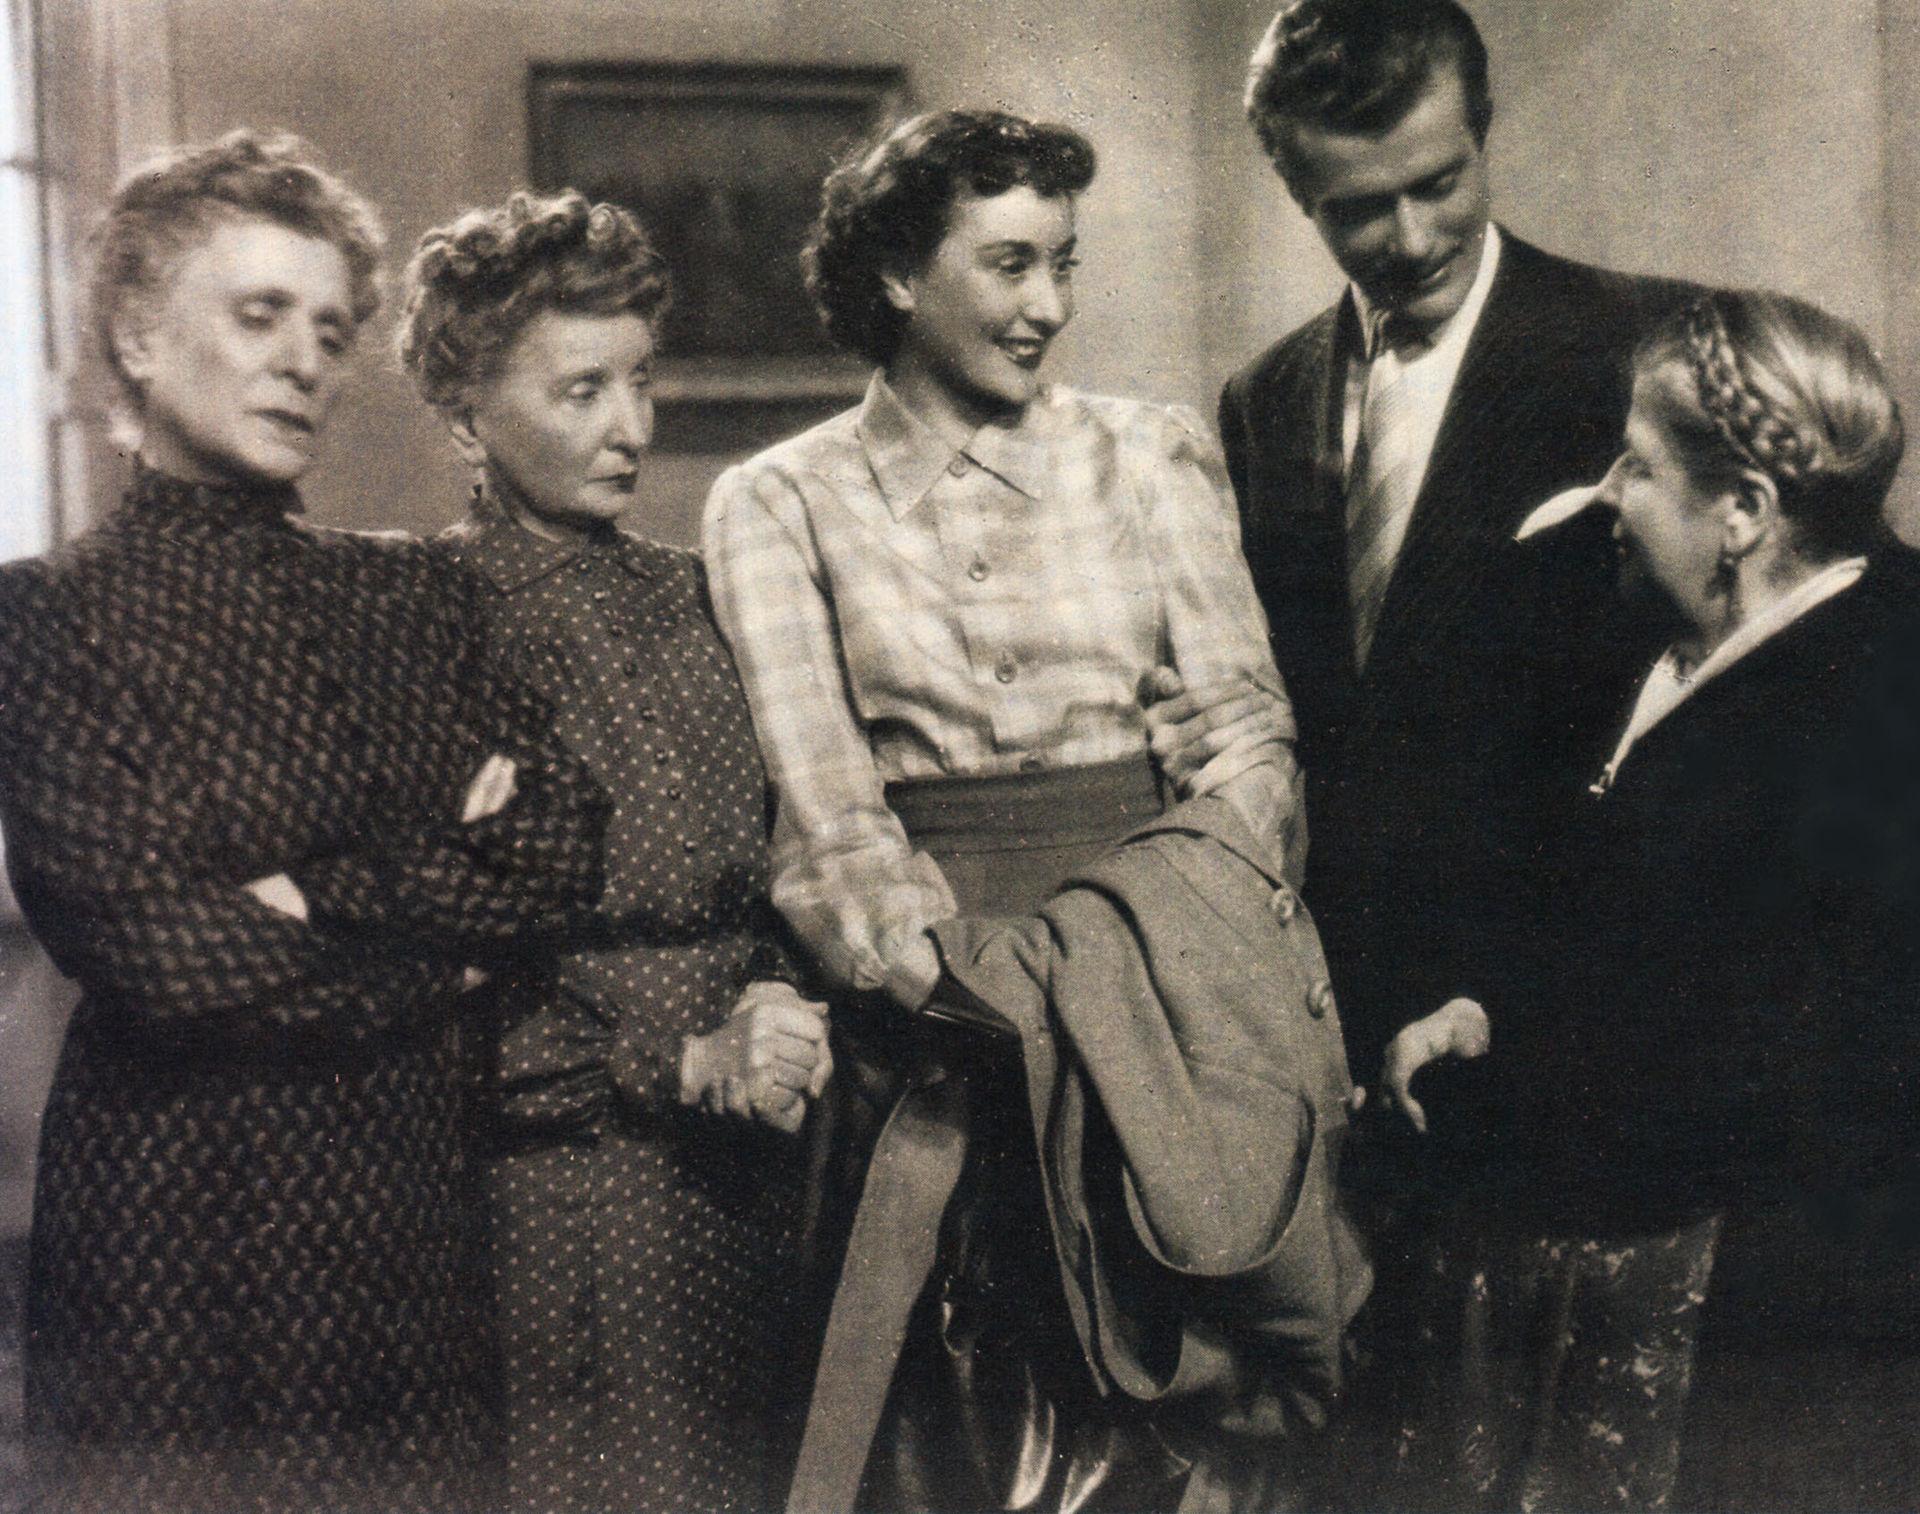 Sorelle Materassi film  Wikipedia